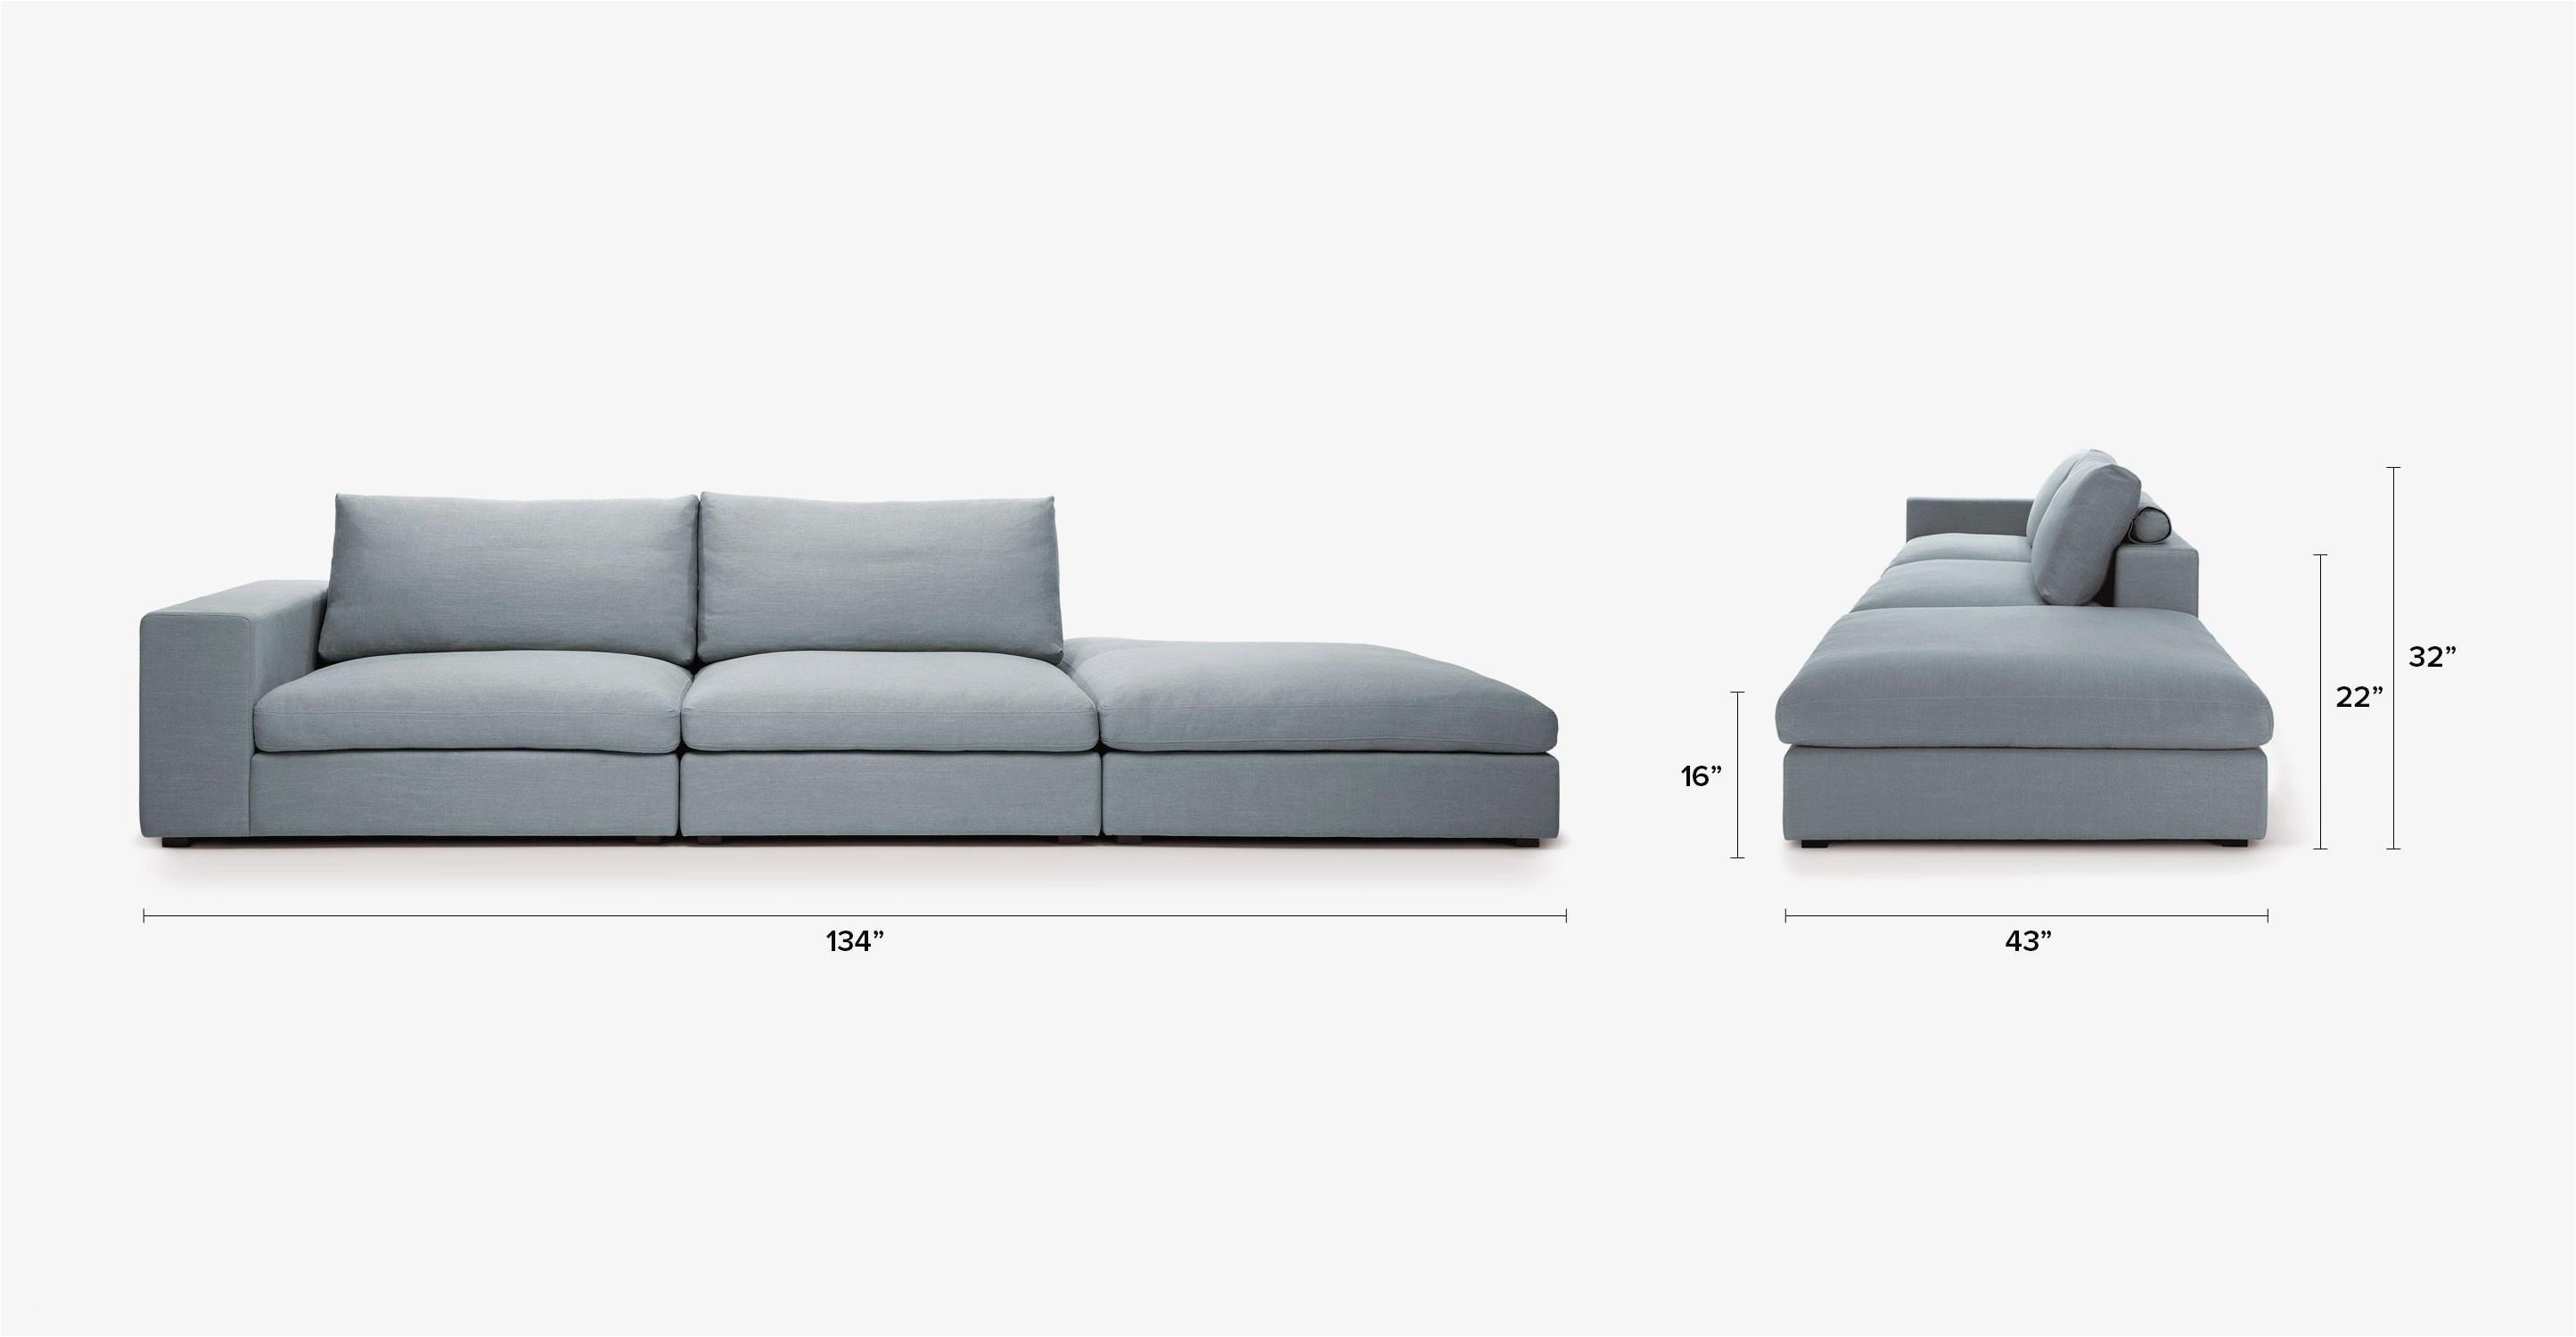 Futon Mattress Sizes Chart Liege Couch Luxus Schlafsofa 2 Personen